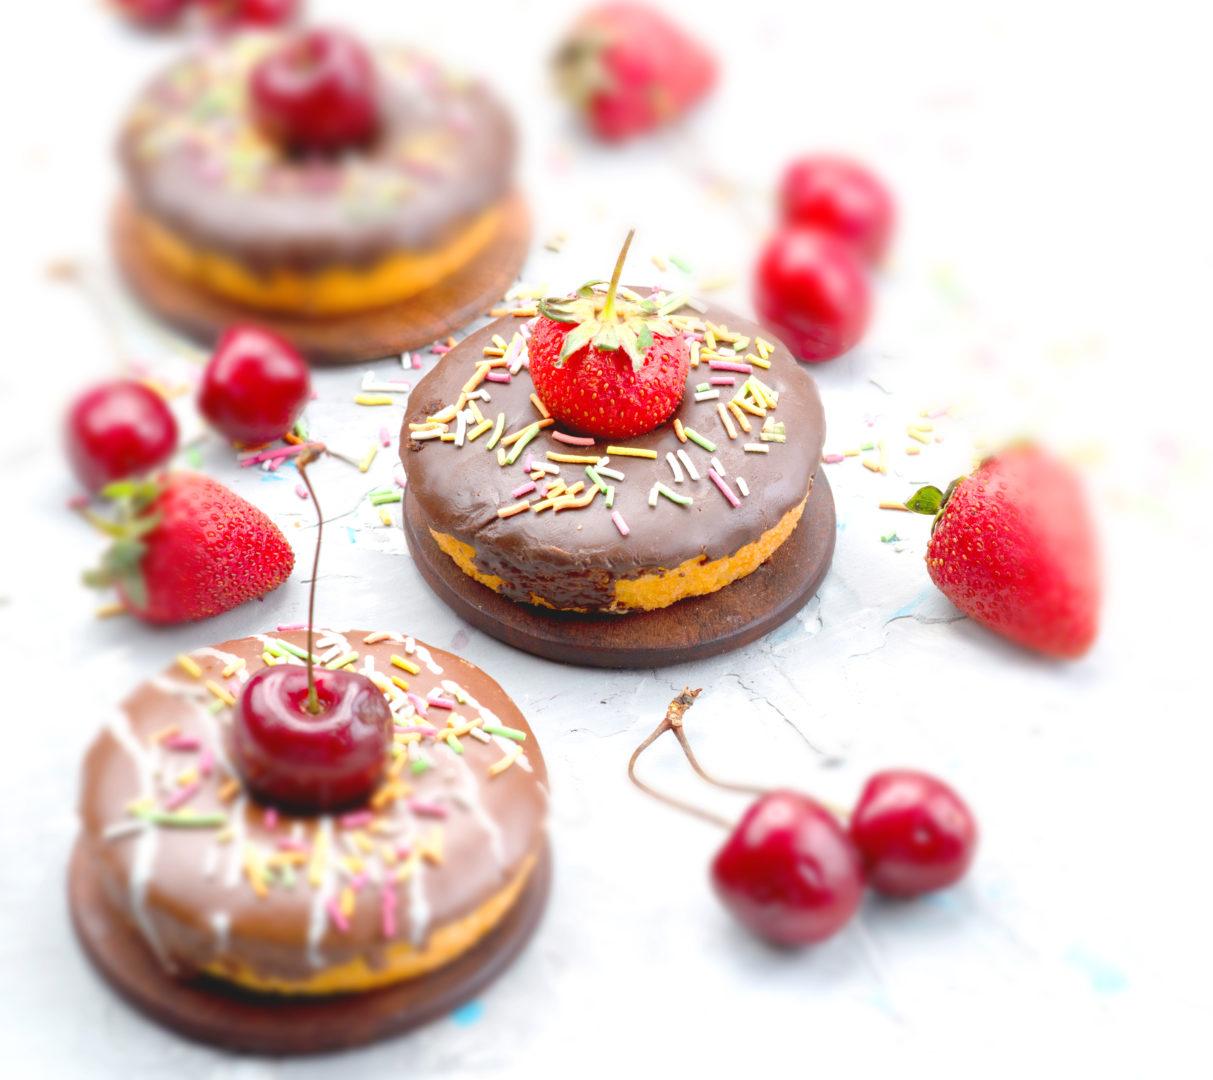 画像に alt 属性が指定されていません。ファイル名: front-view-little-chocolate-donuts-with-designed-fruits-top-cake-fruit-1213x1080.jpg